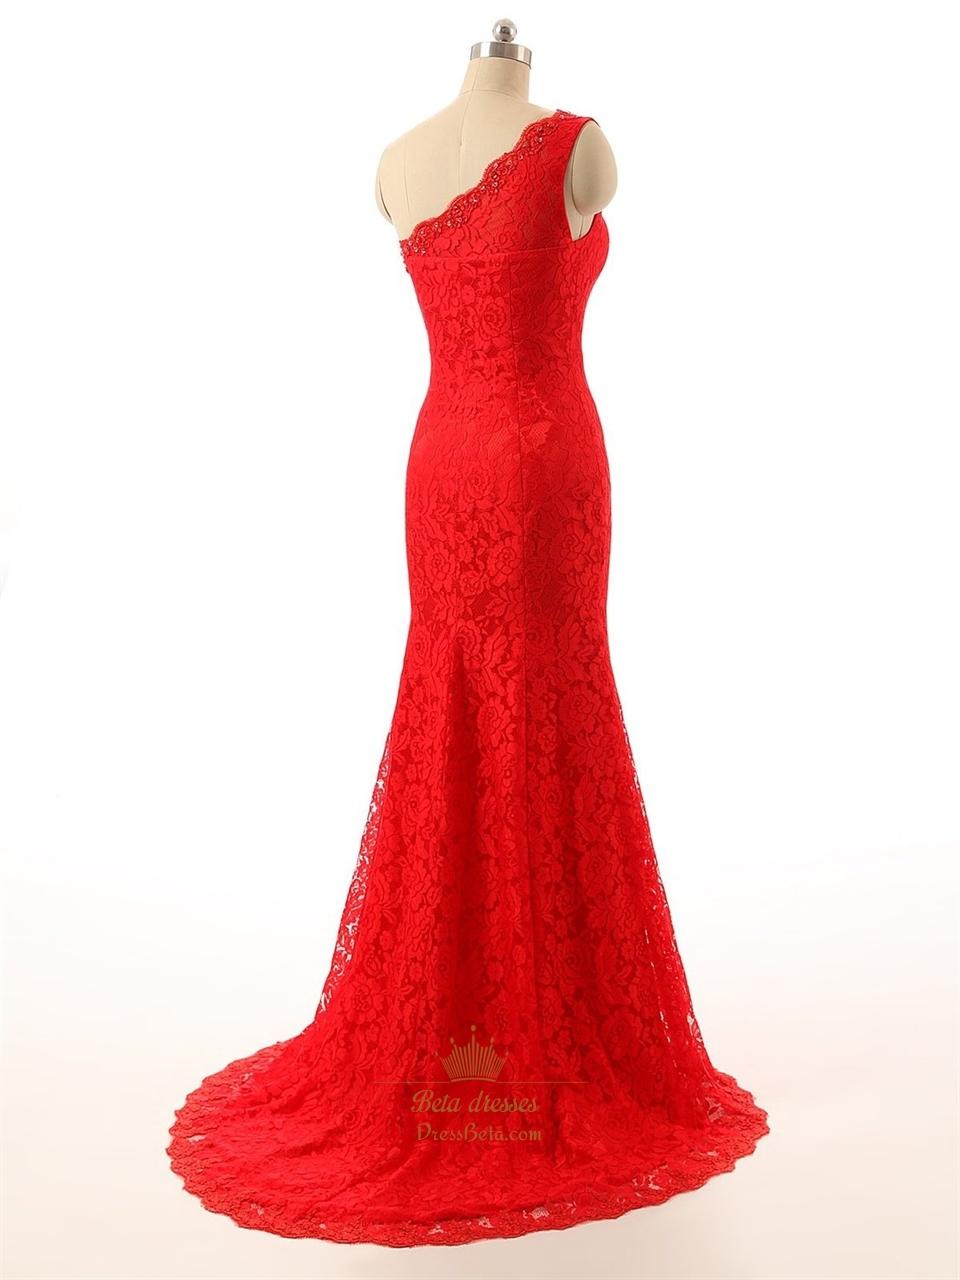 43f388c67f9a Red Lace Prom Dress Mermaid